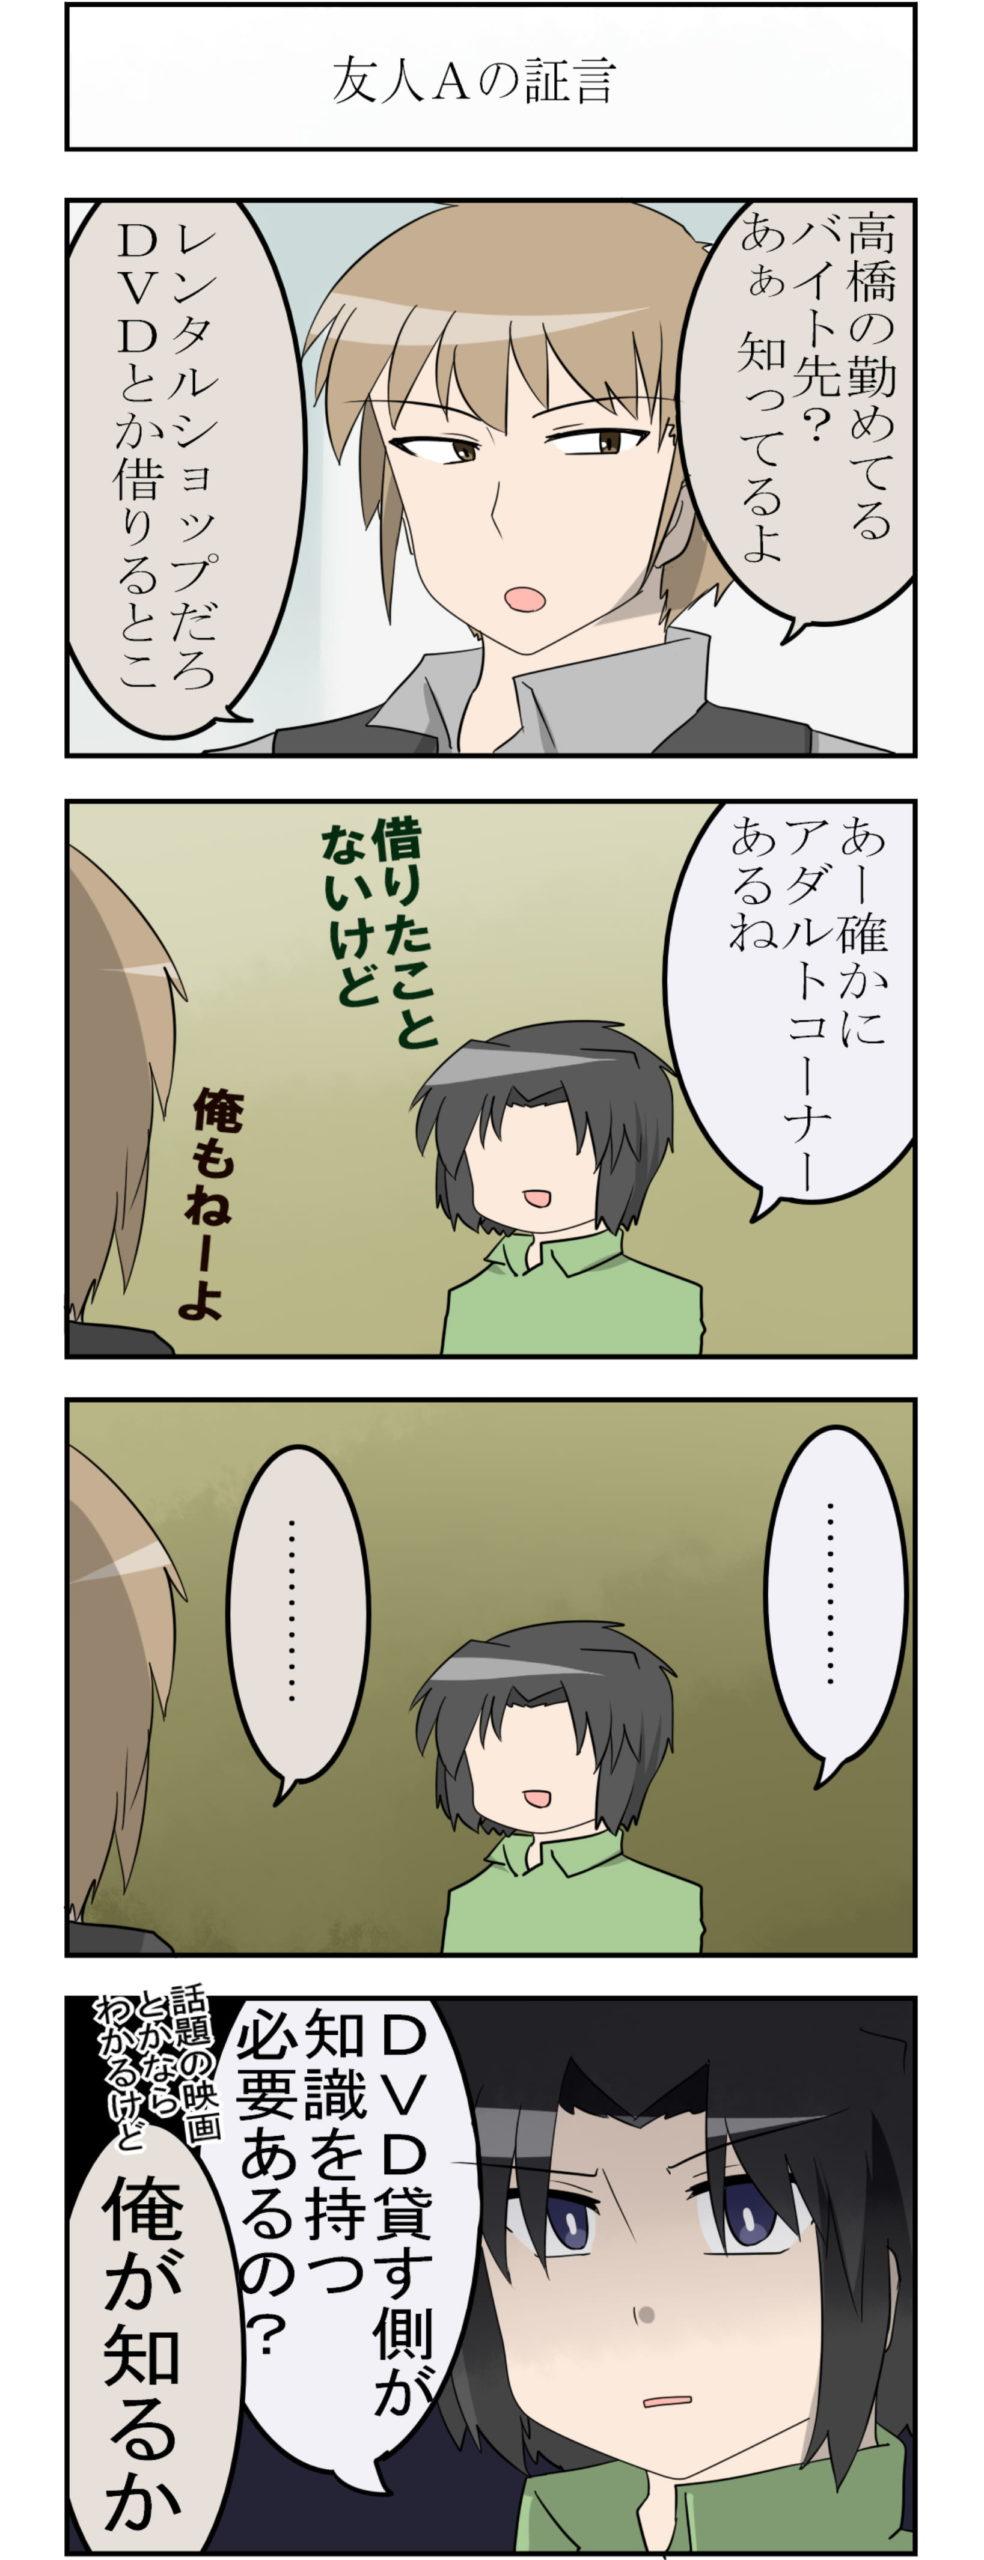 バイトA高橋さんの話